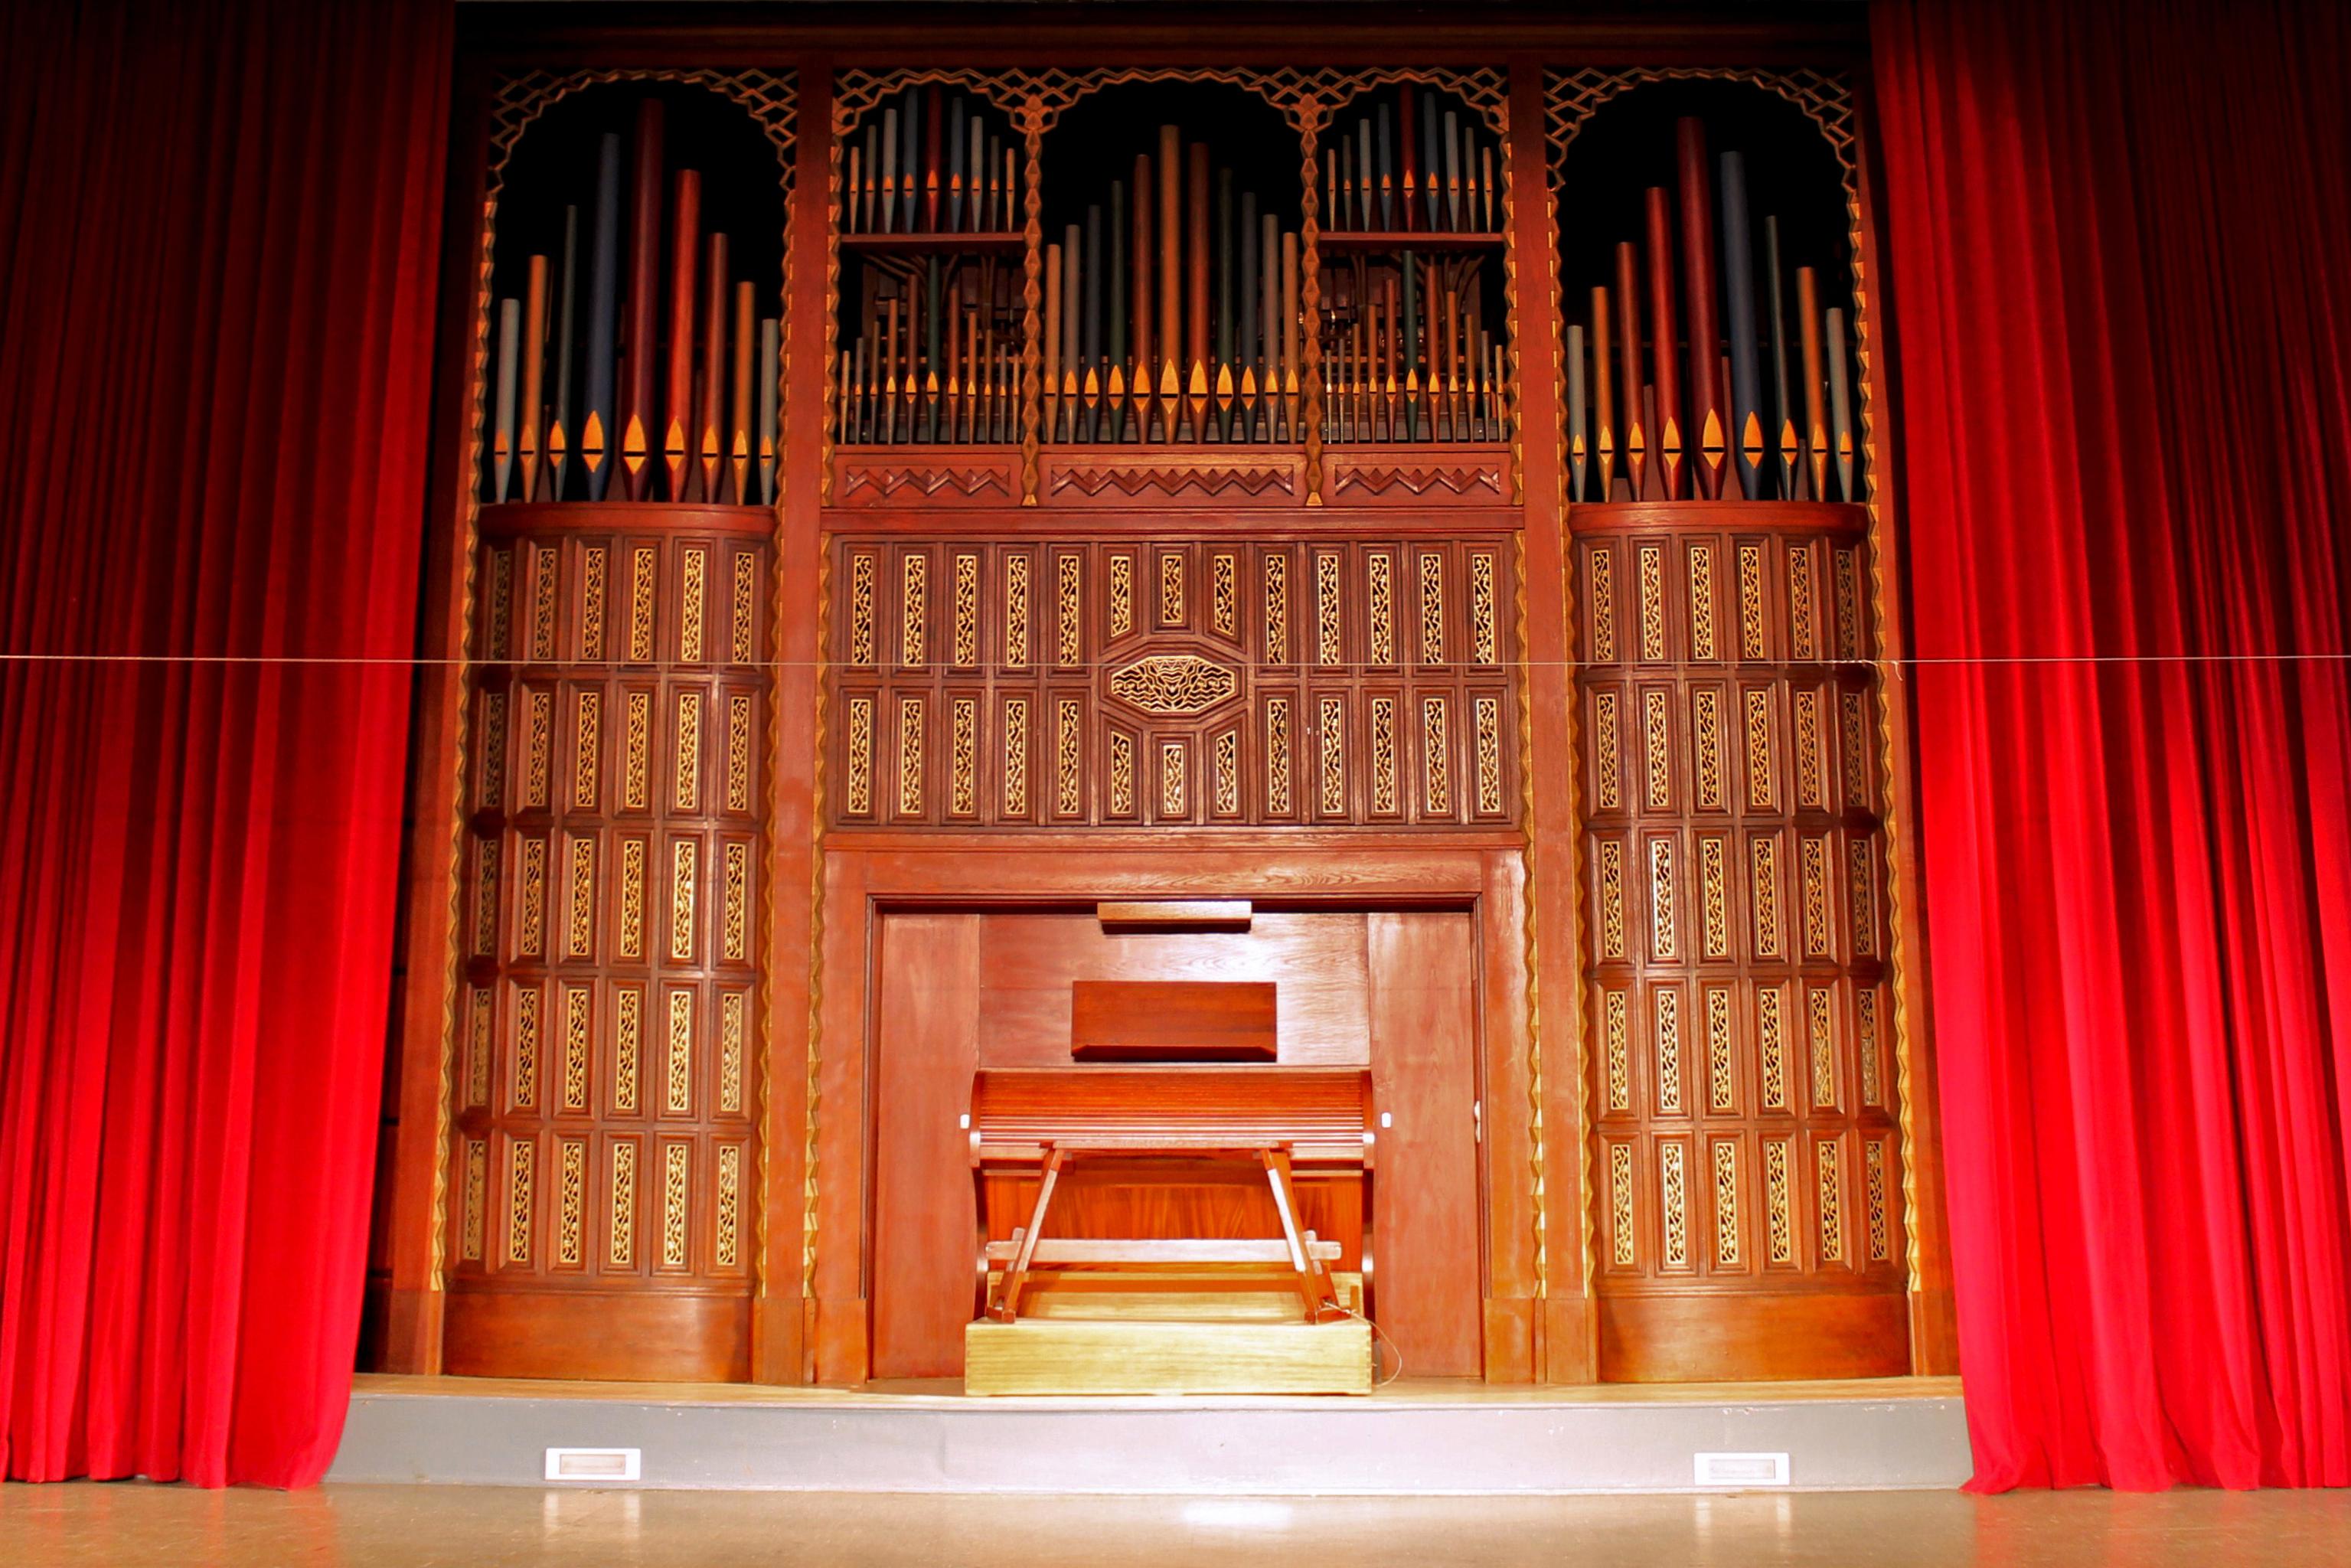 Förderverein Hans-Henny-Jahnn-Orgel e.V.